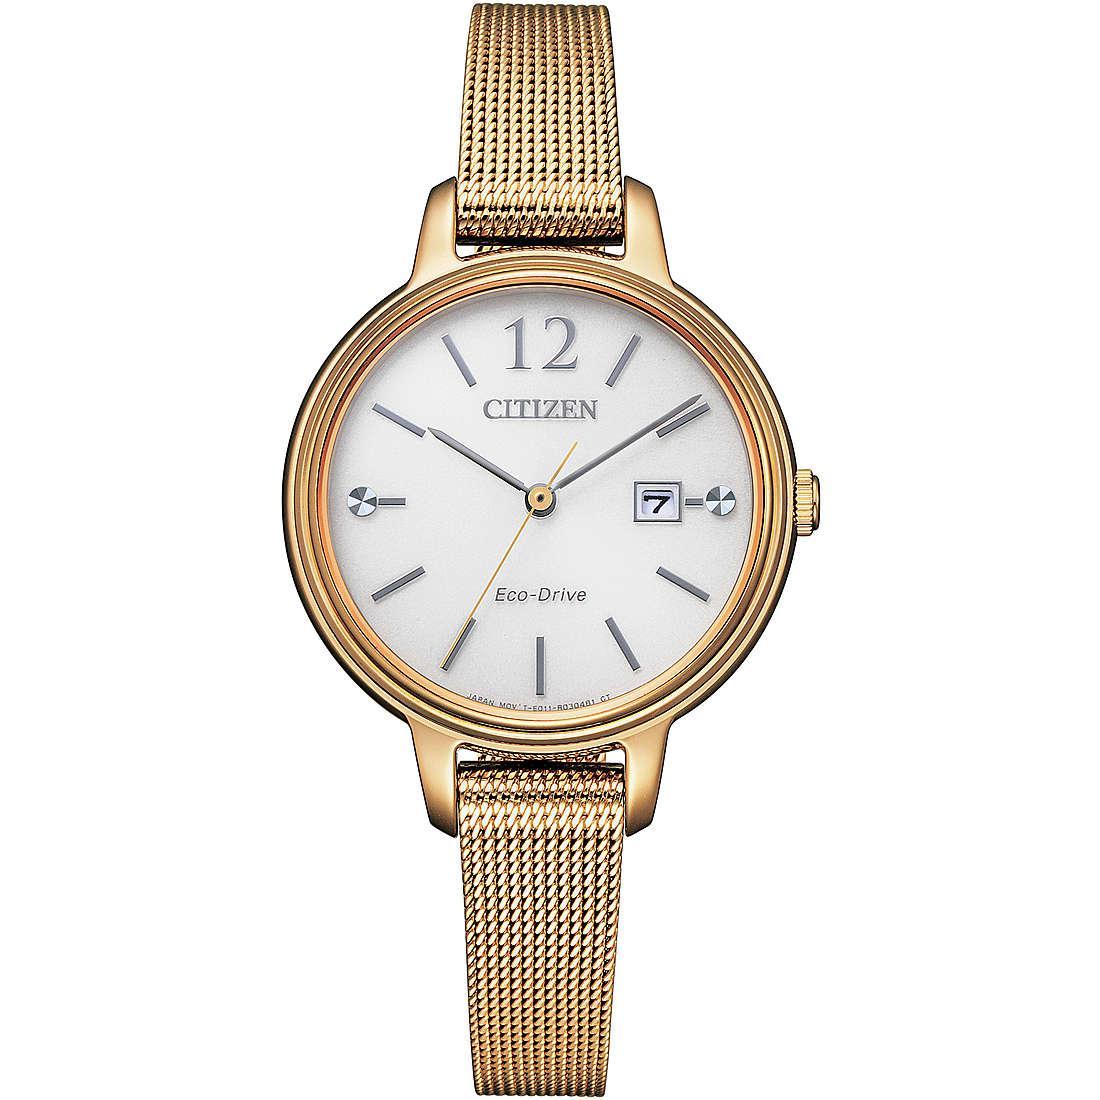 Orologio solo tempo donna citizen classic ew2447 89a